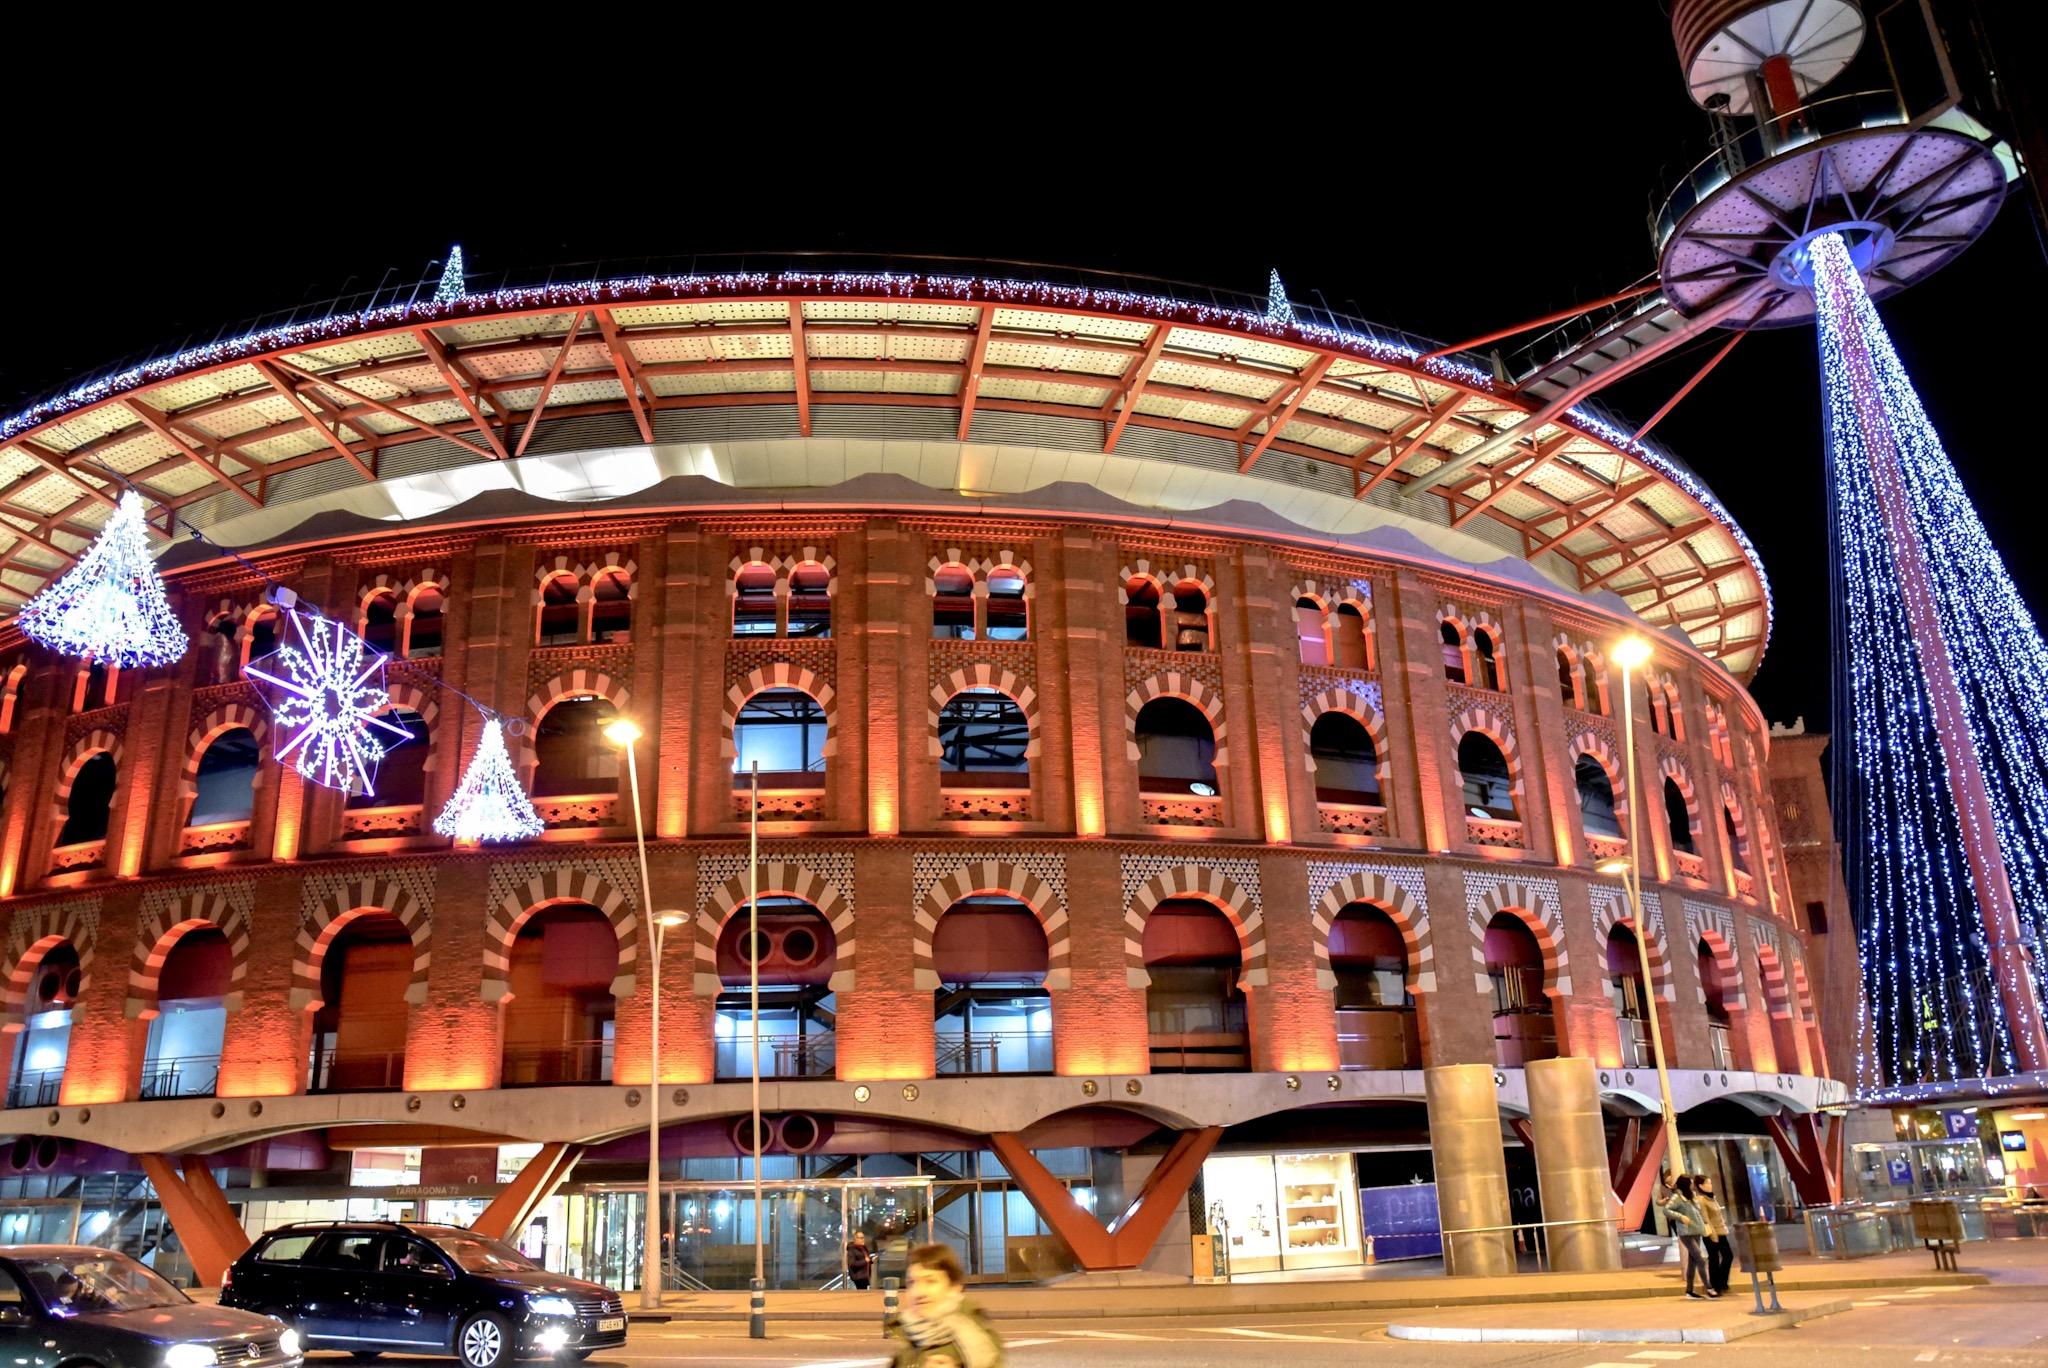 las arenas bull ring shopping mall barcelona at christmas